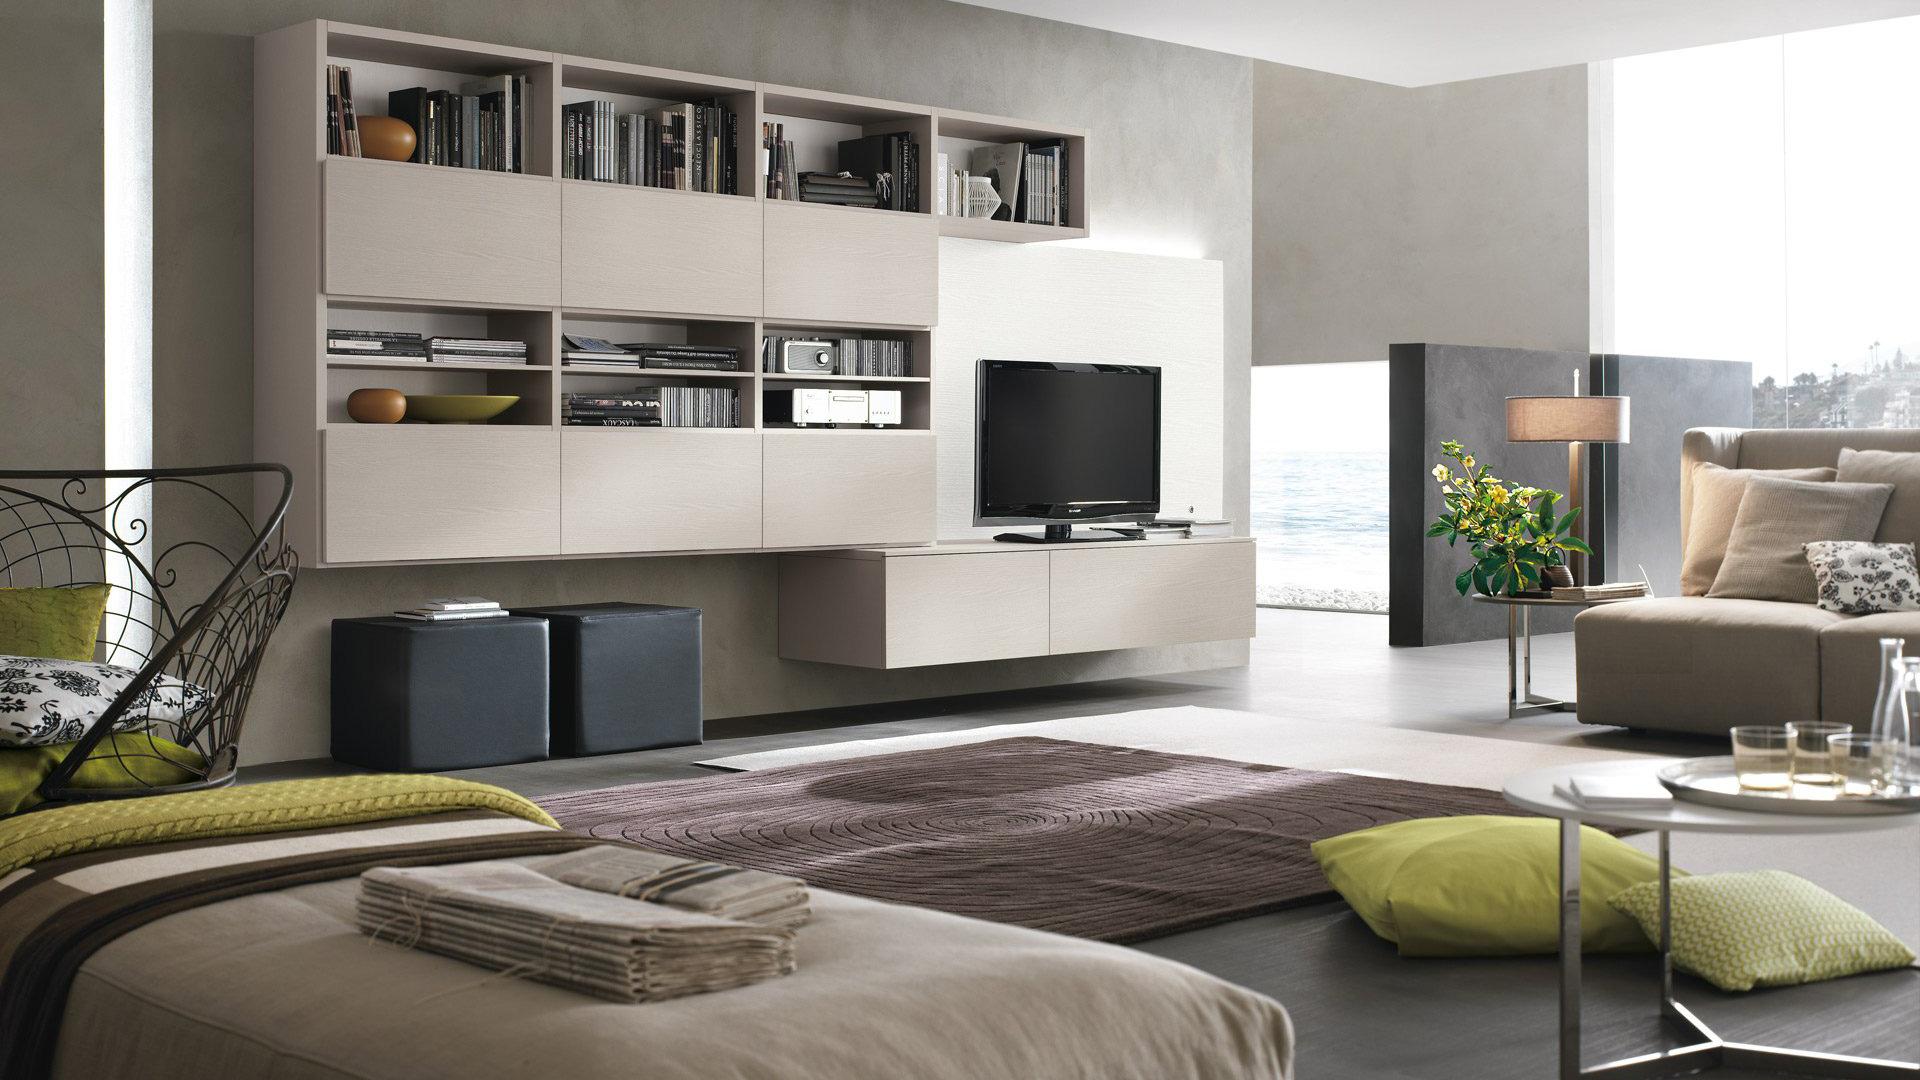 Arredamenti e idee per la casa arredamenti e forniture for Arredo soggiorno